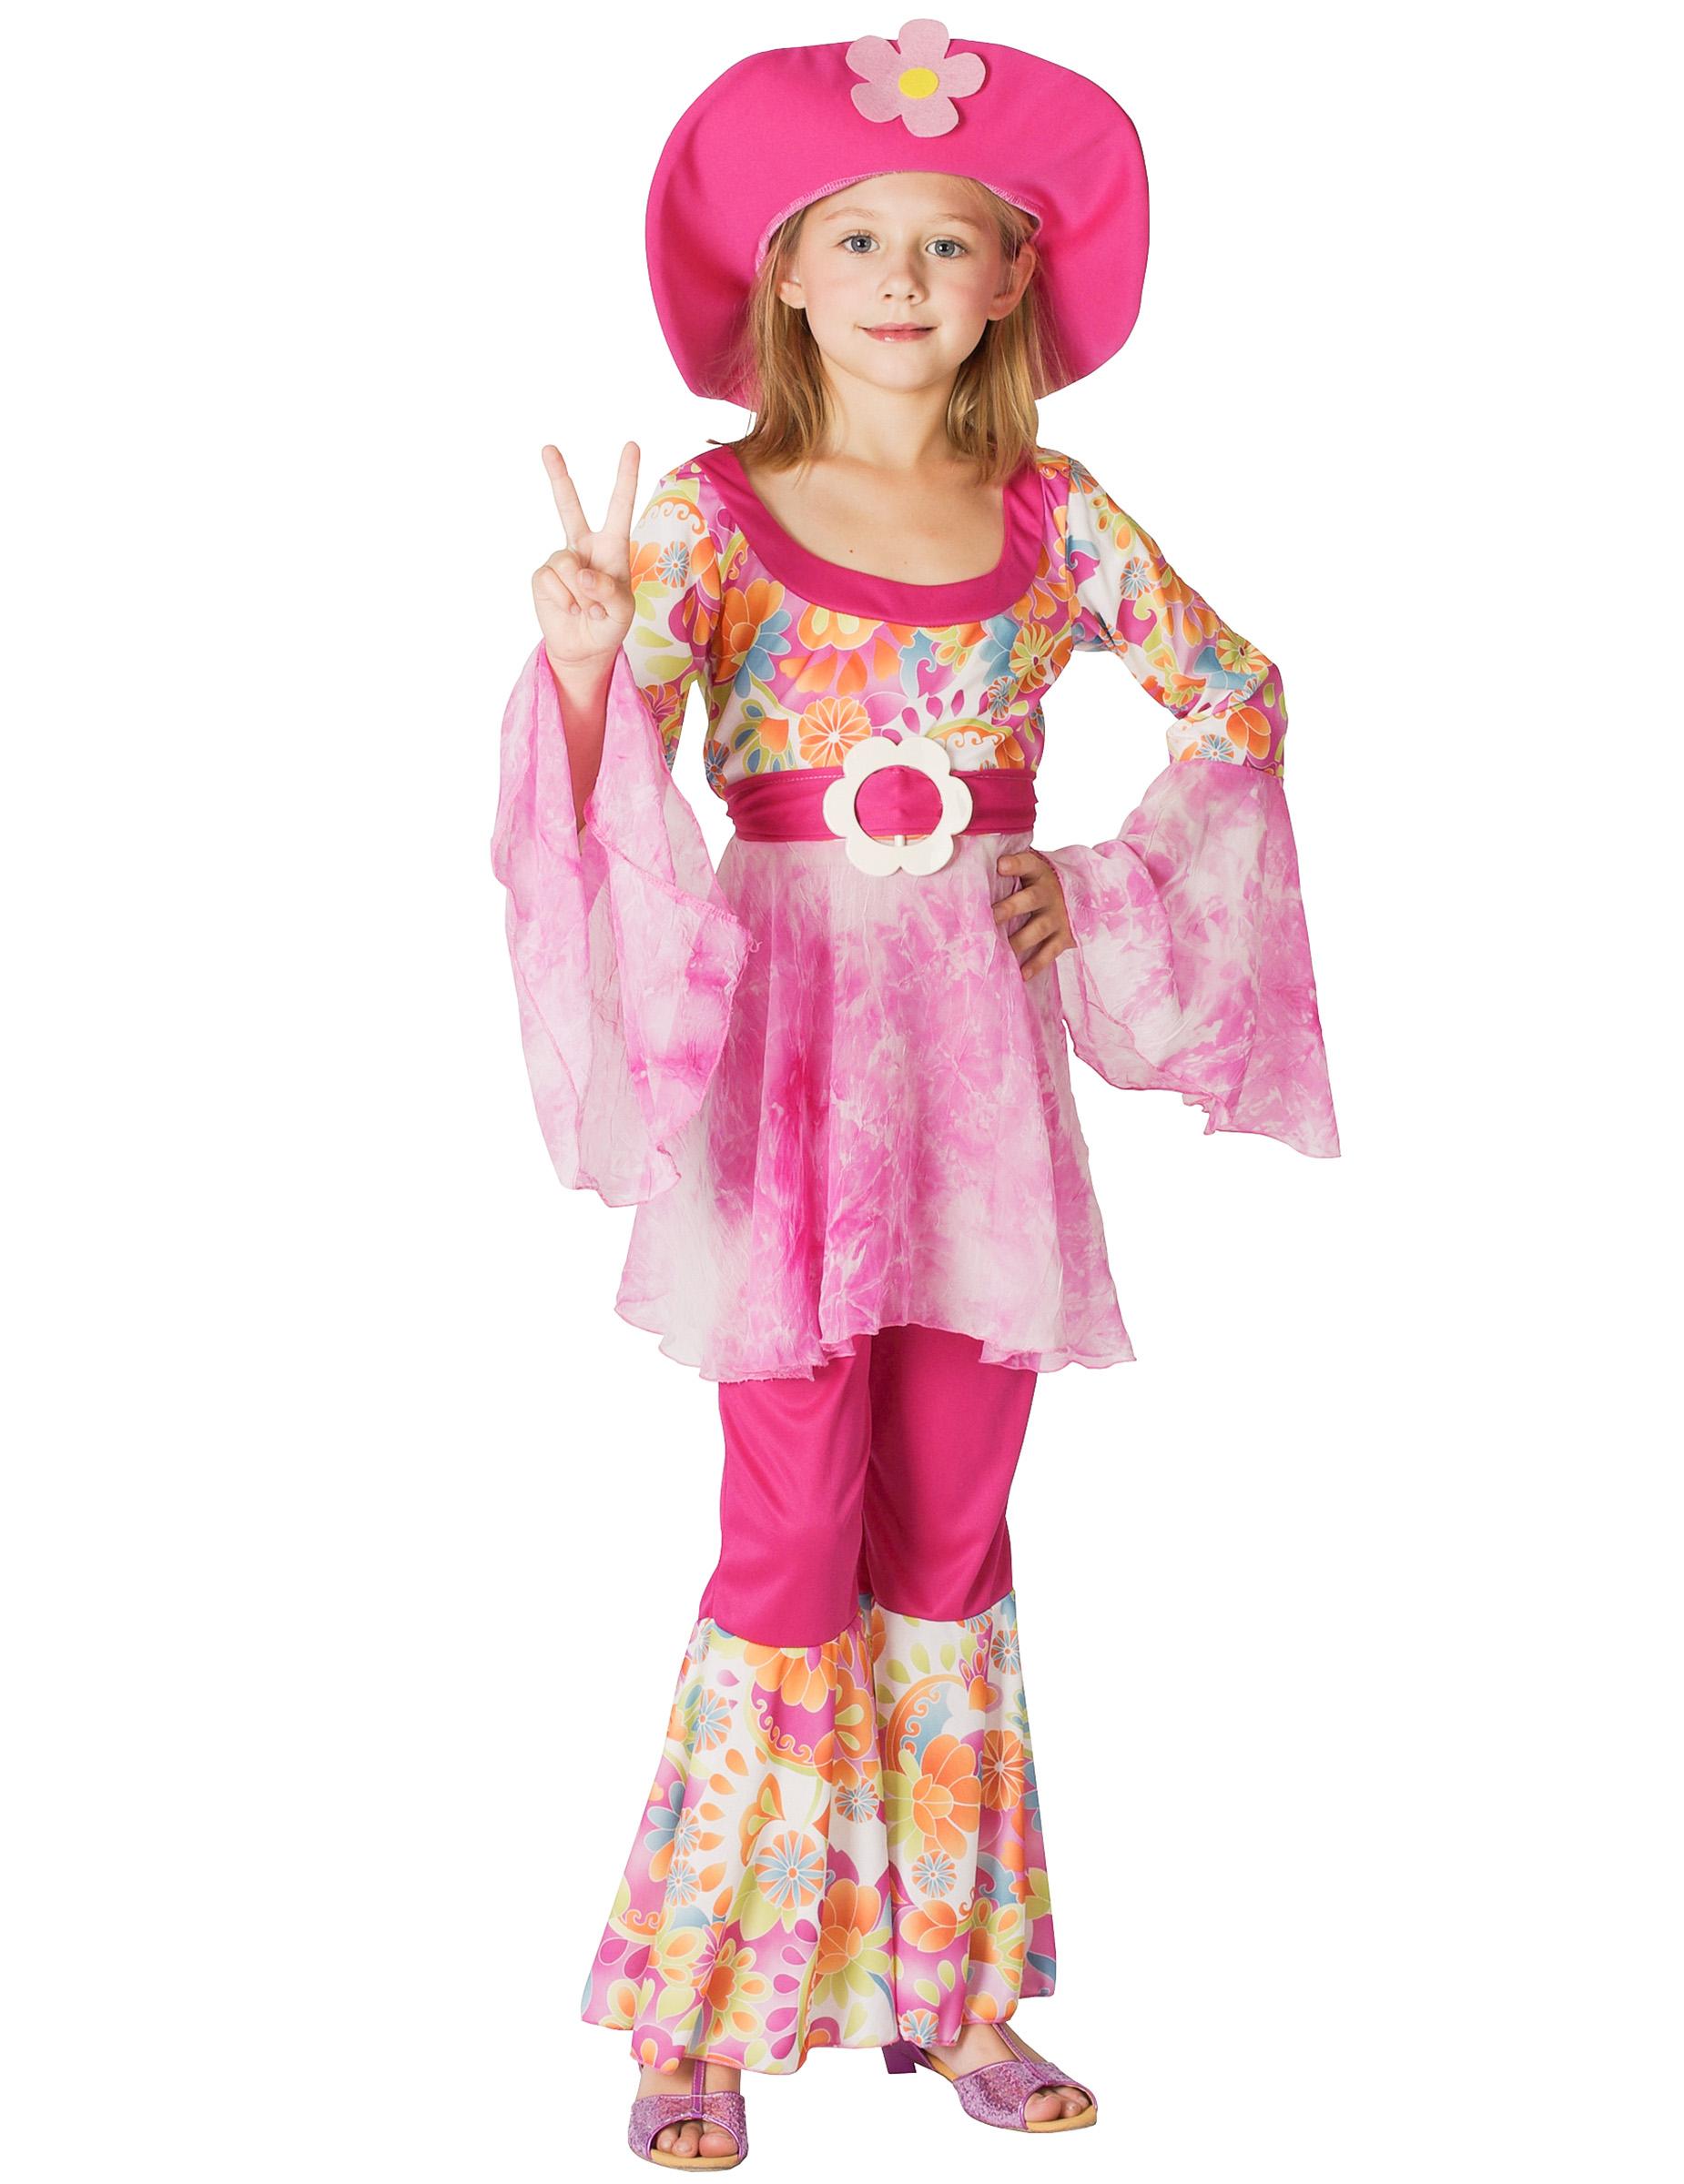 Déguisement hippie rose fille   Deguise-toi, achat de Déguisements ... 7365b53ee52c